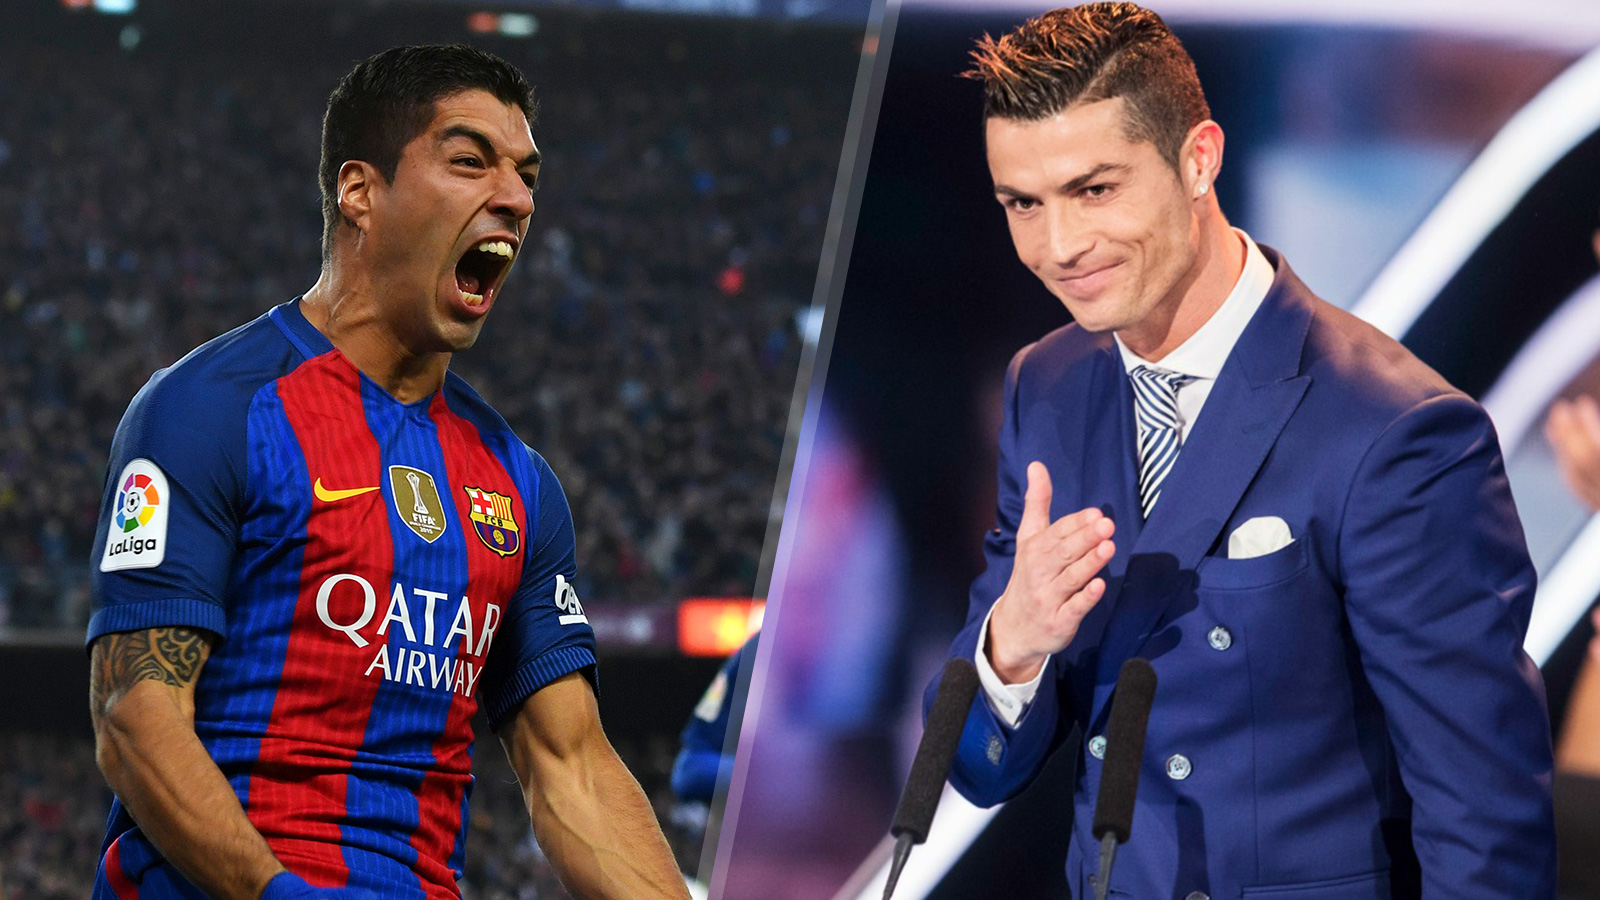 031717-Suarez-Ronaldo-social-split